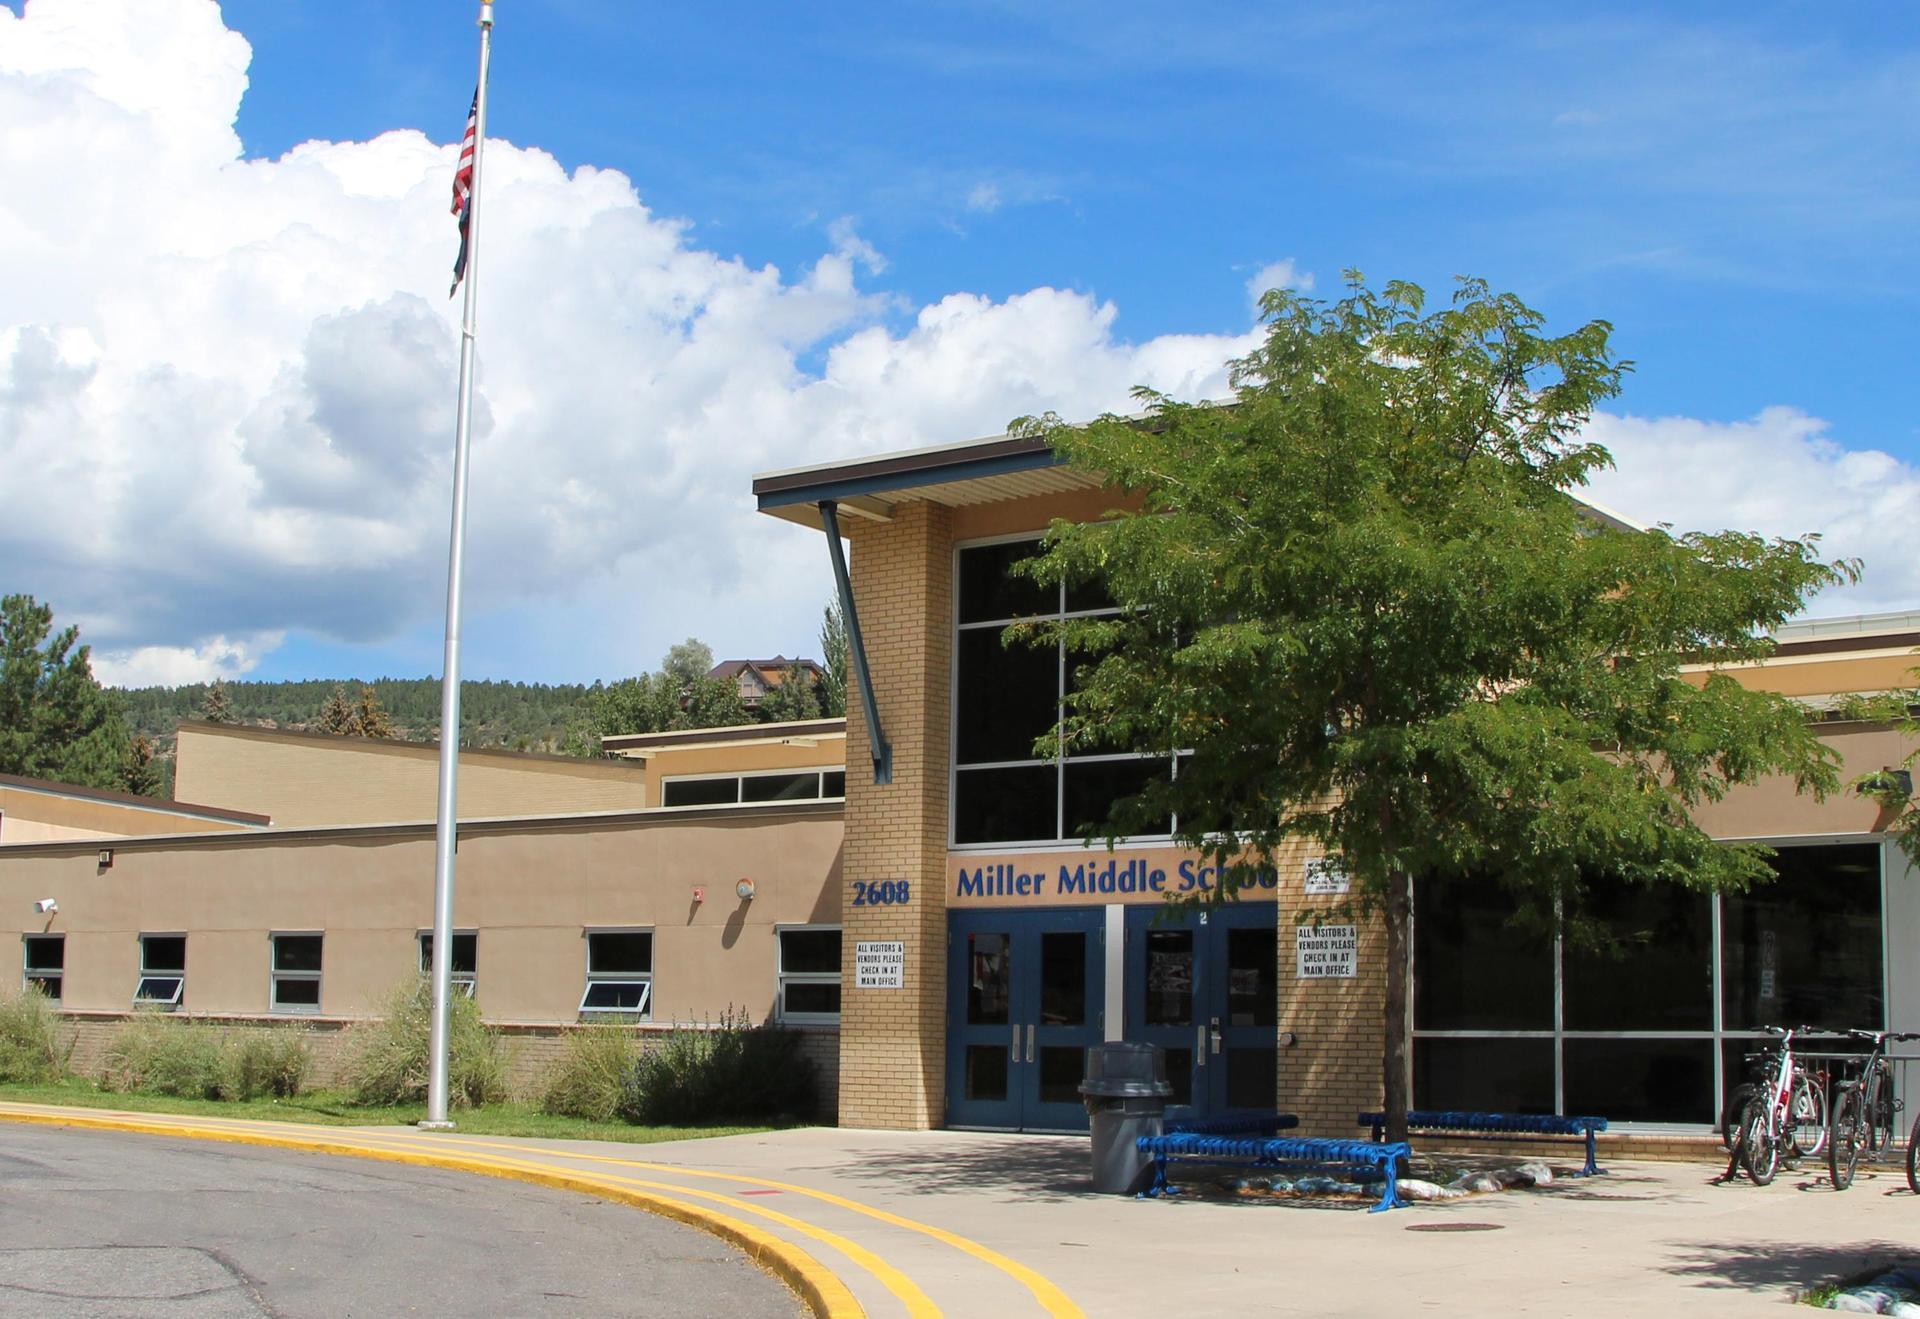 Miller Middle School exterior